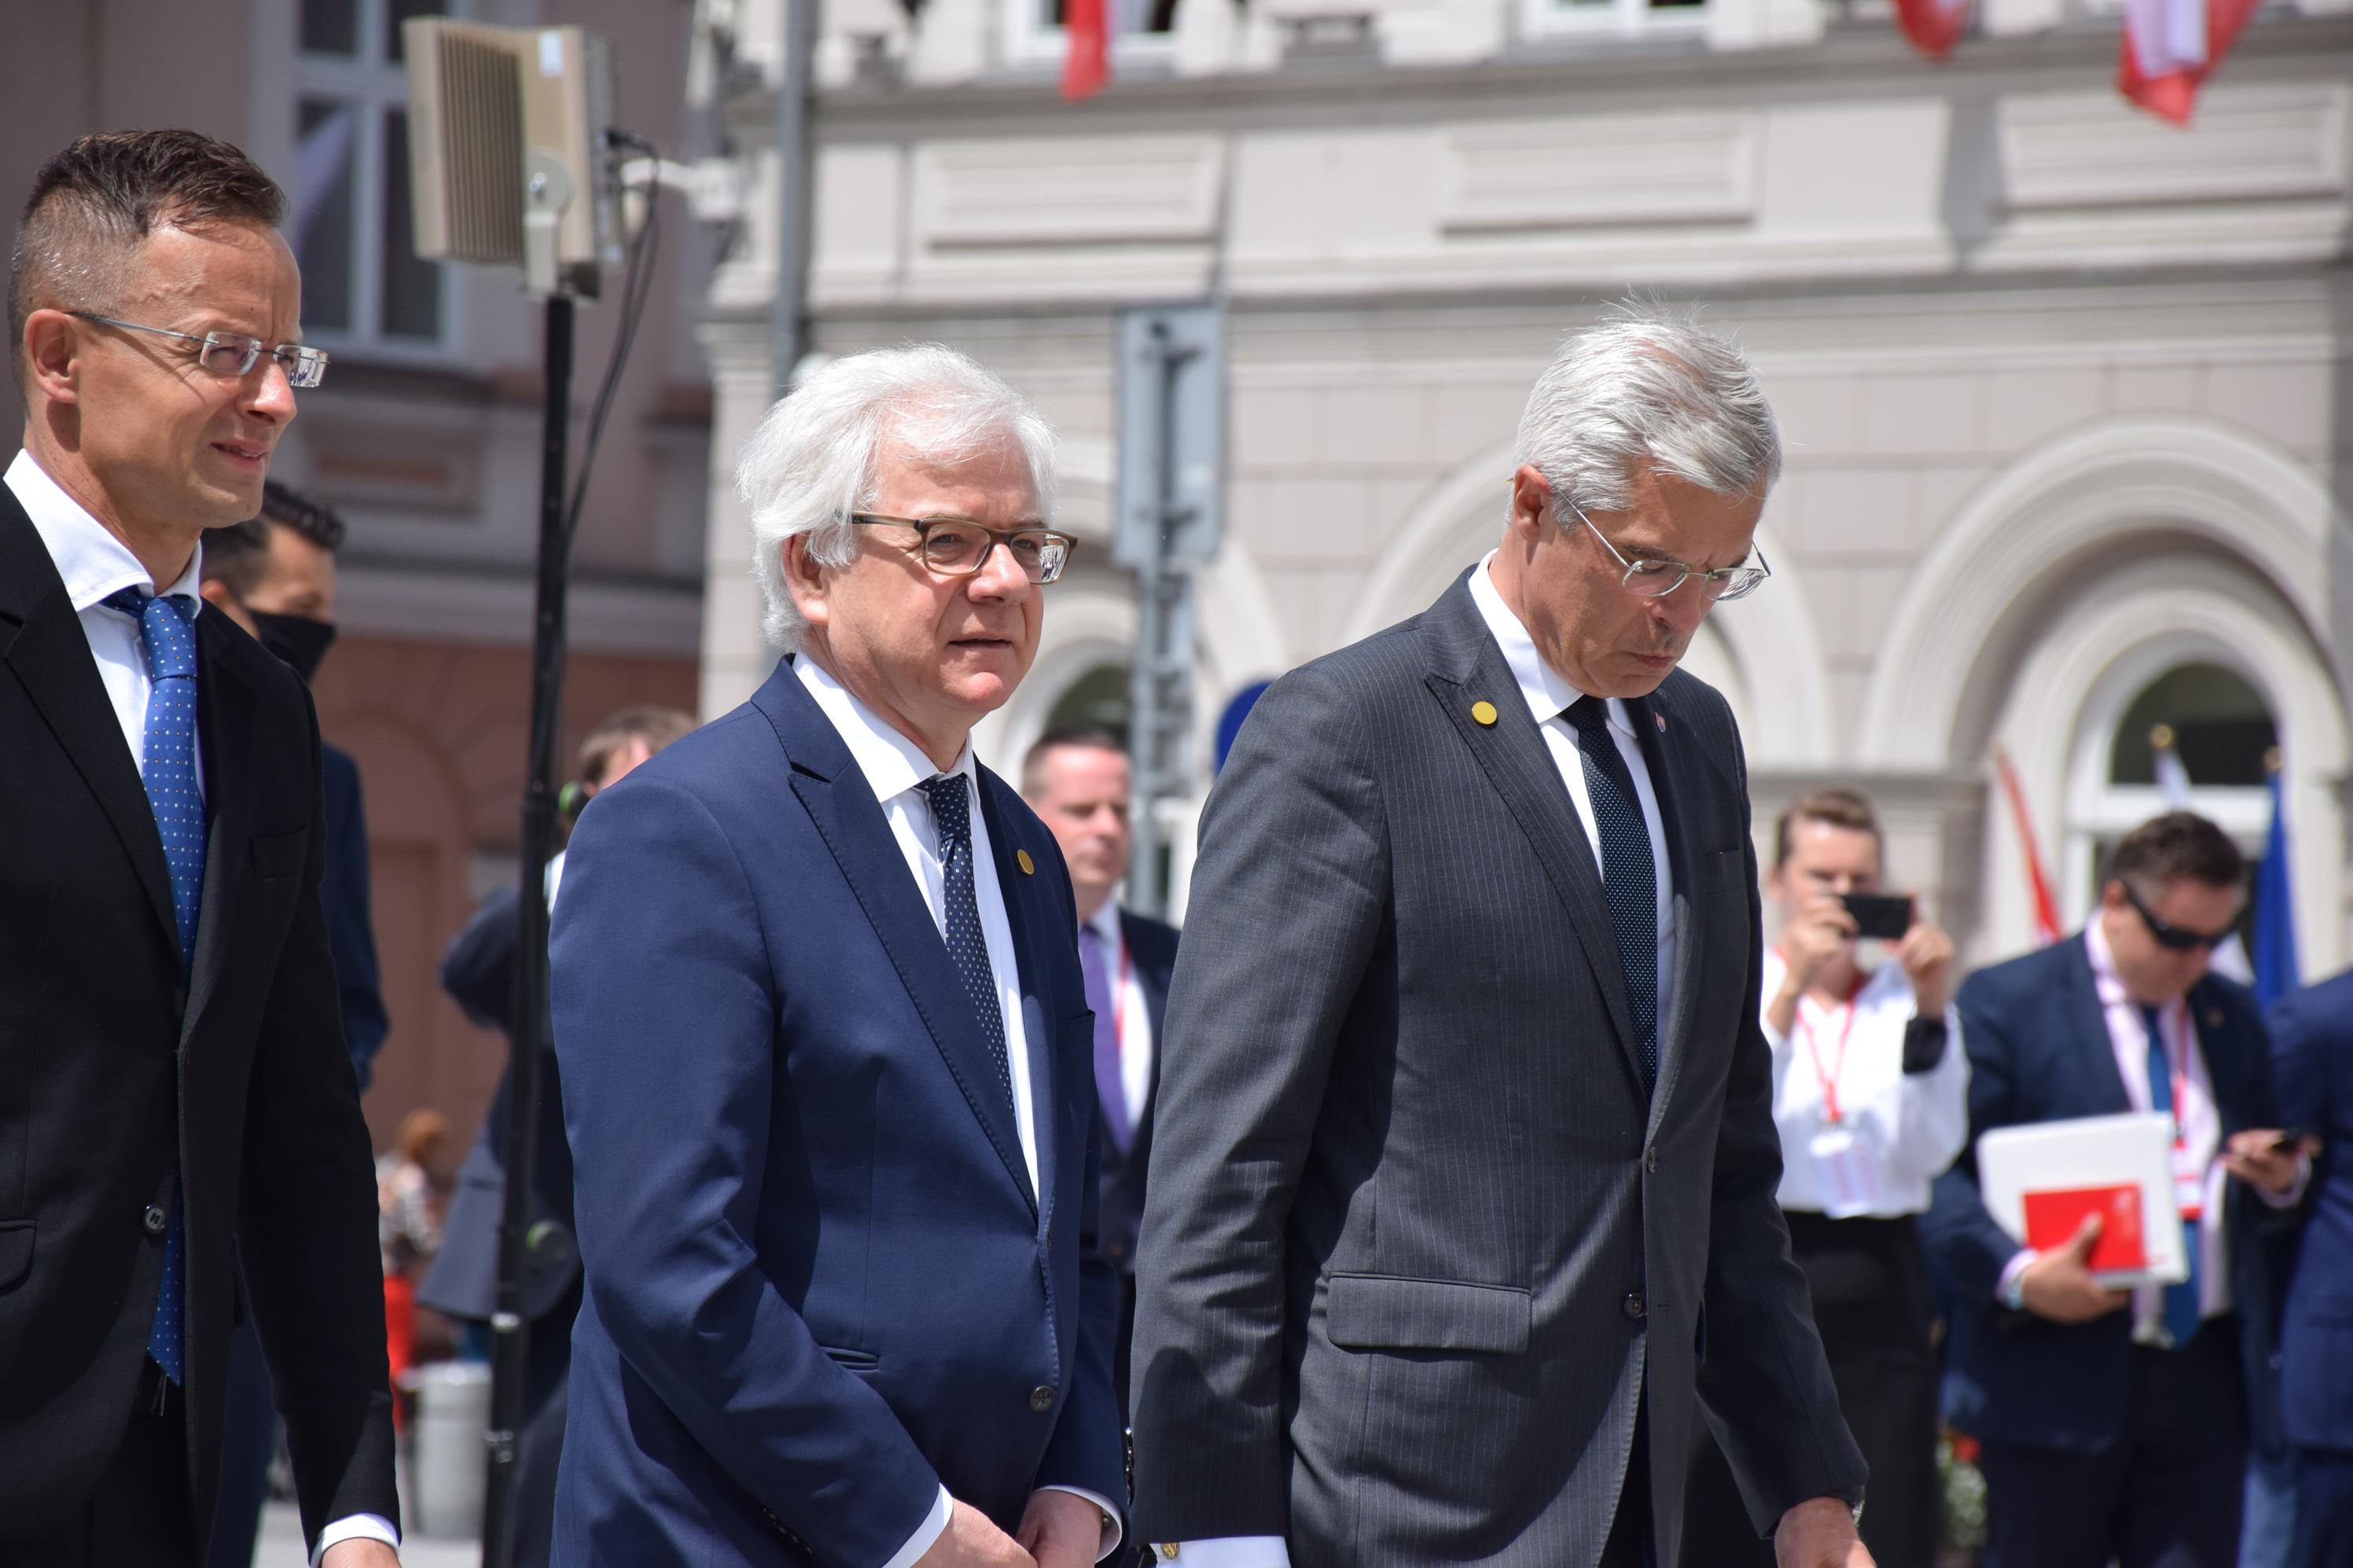 Ministrowie czterech państw Grupy Wyszehradzkiej w Wadowicach. Co ustalili? [FOTO] [AKTUALIZACJA]